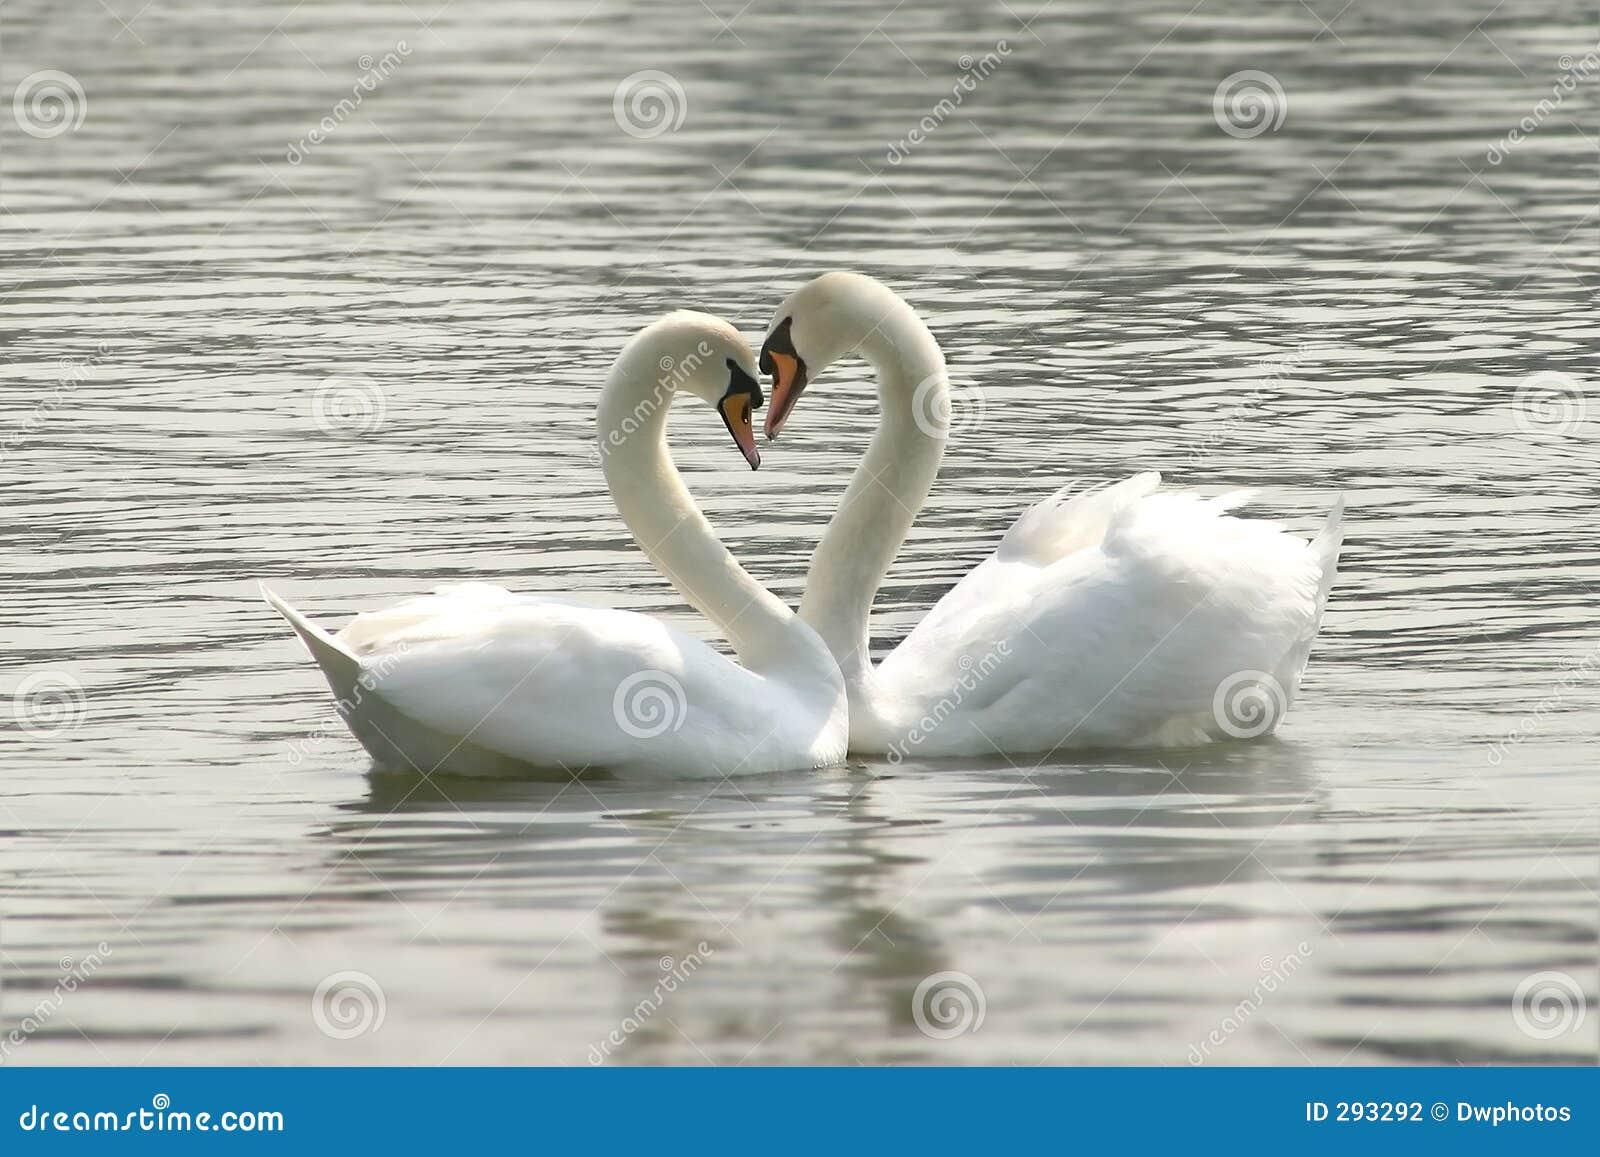 Kochający łabędzia.